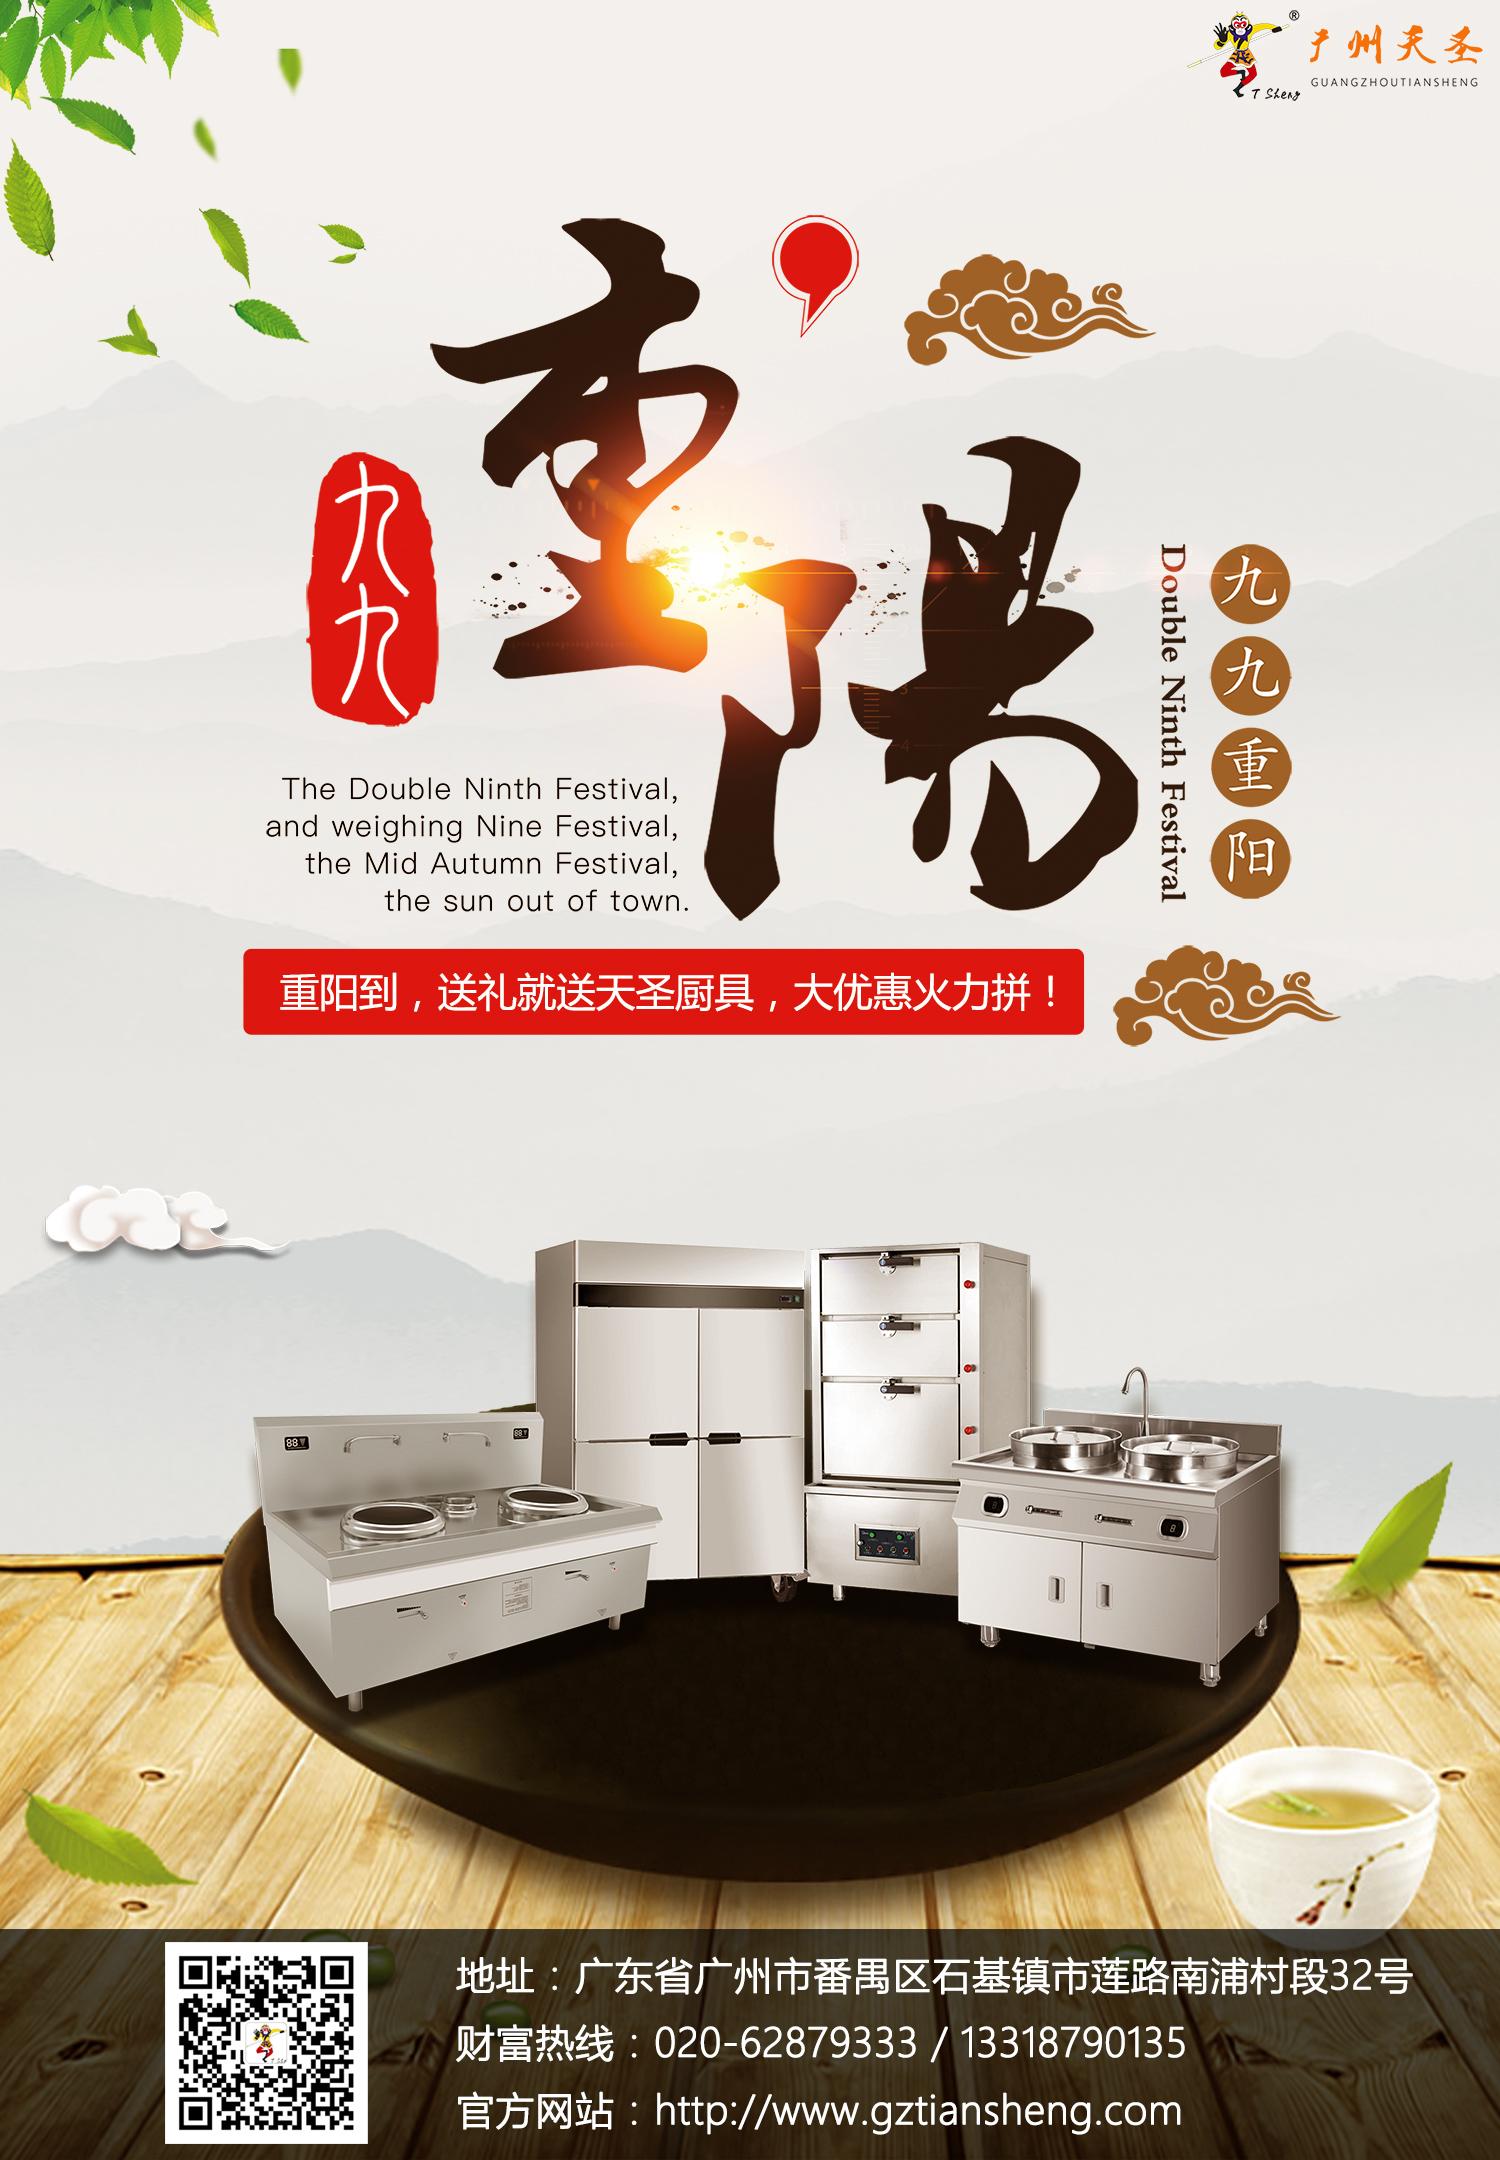 广州vwin德赢备用官网vwin德赢娱乐网 下载入口设备有限公司祝天下所有的老人重阳节快乐,幸福久久!